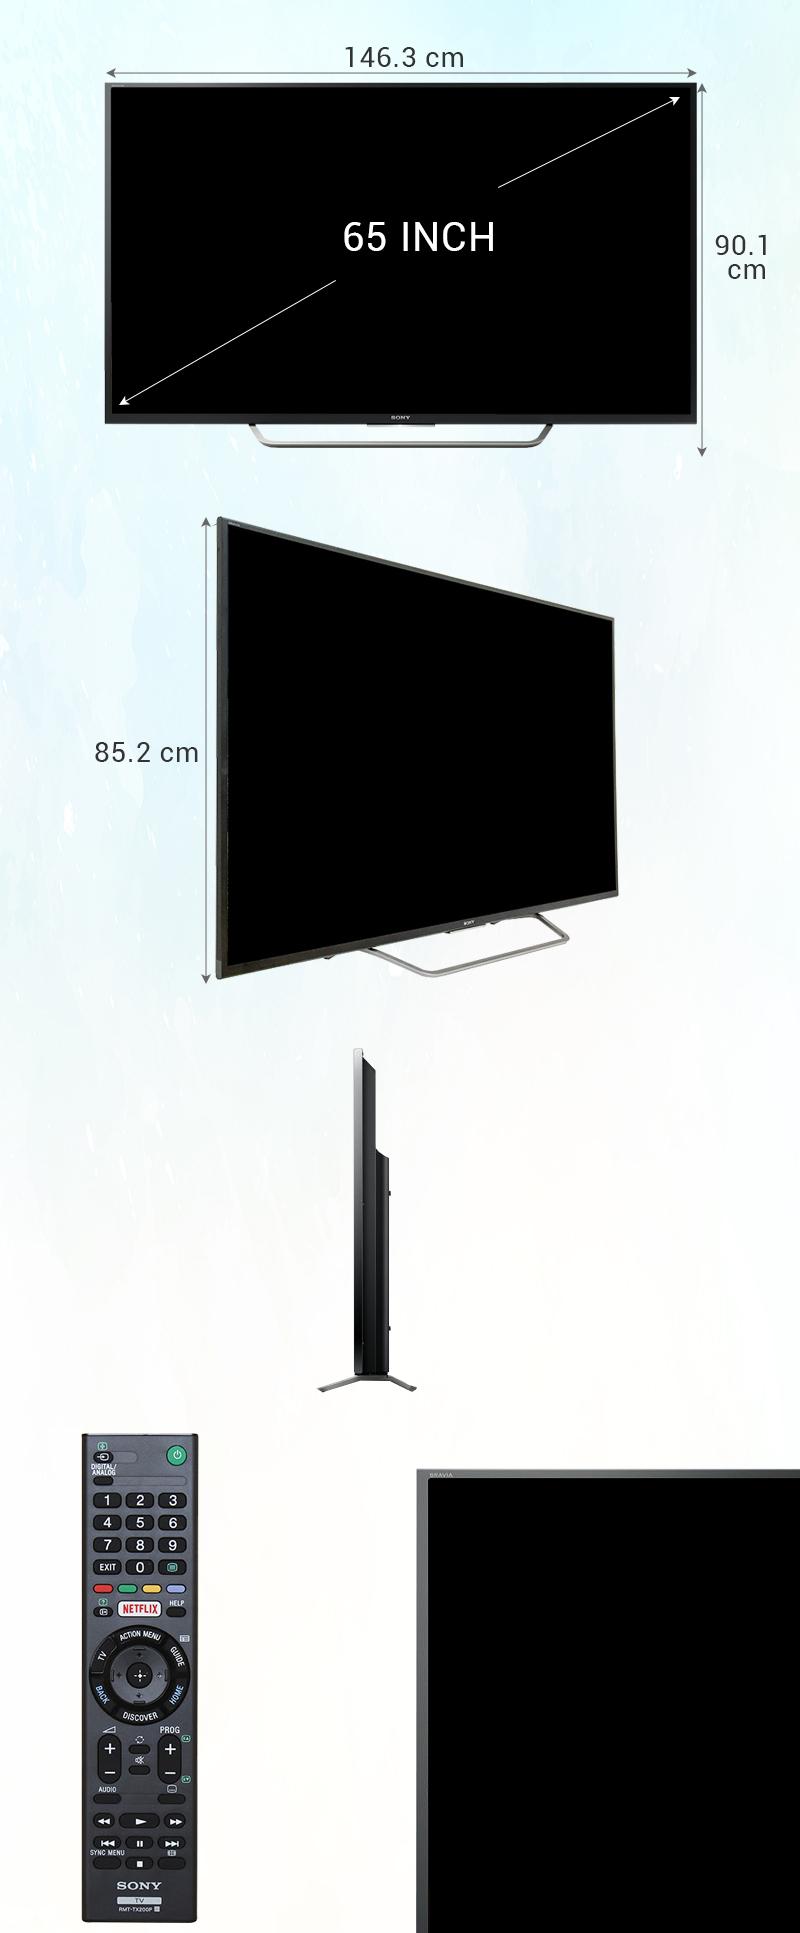 Android Tivi Sony 65 inch KD-65X7500D - Kích thước tivi